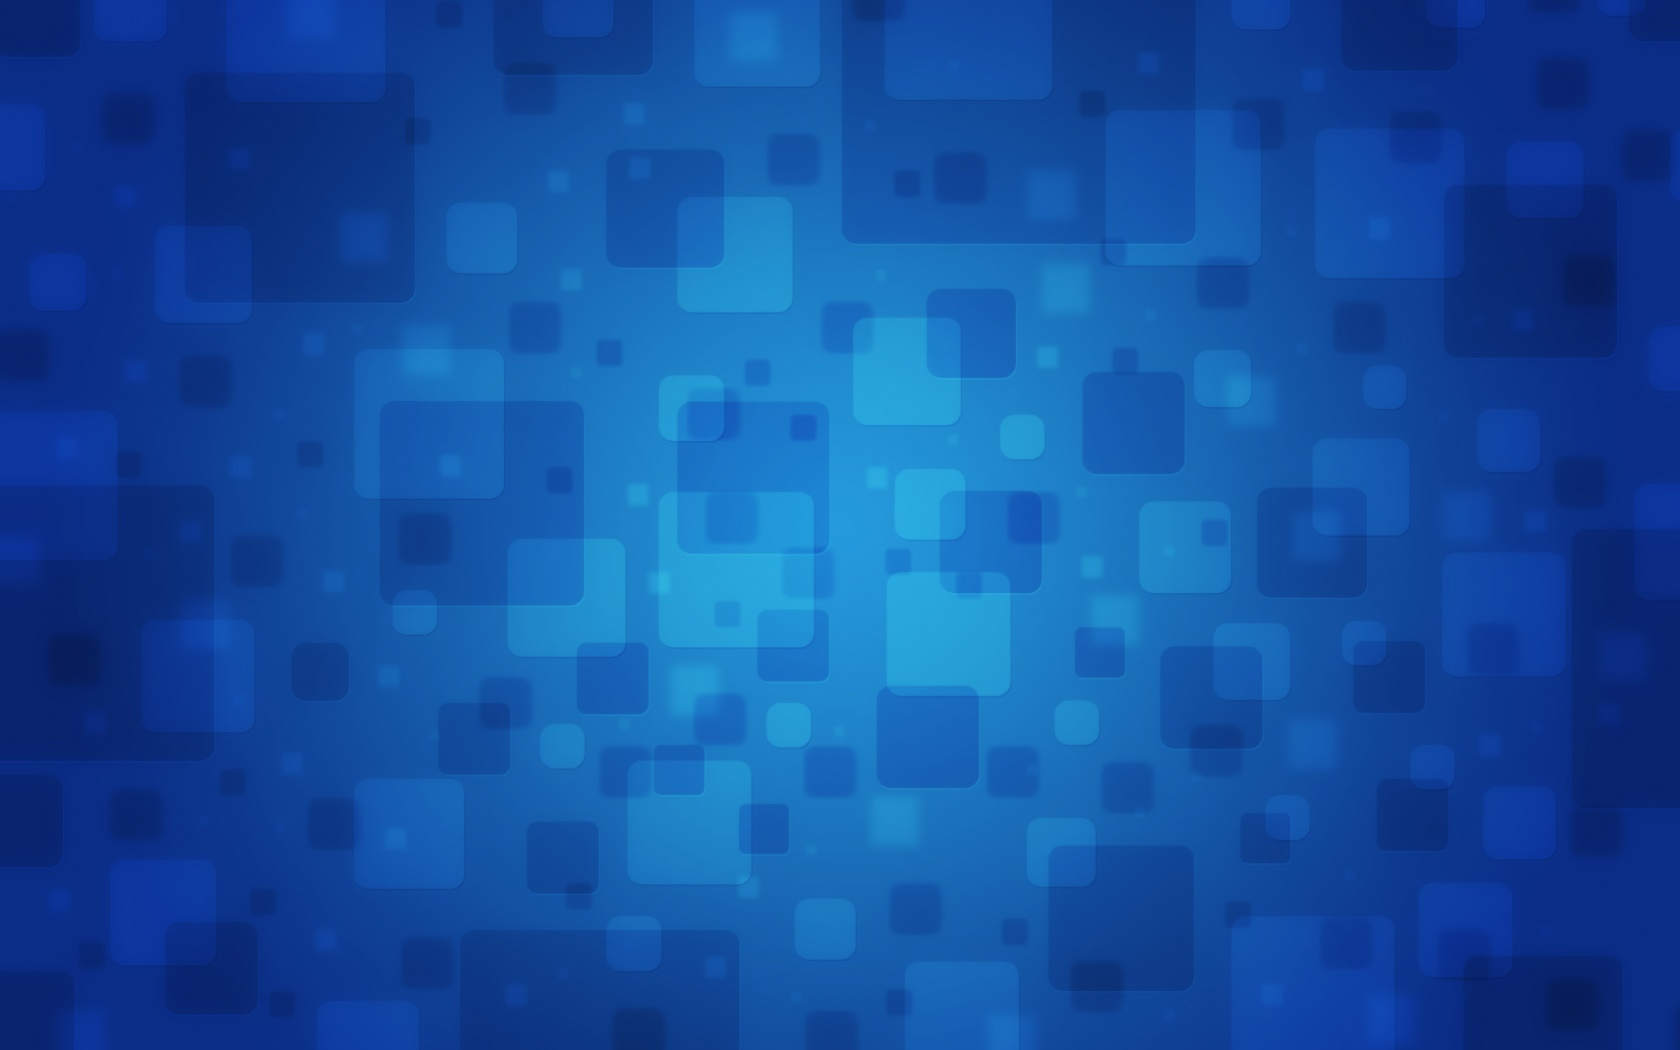 blue the harbus